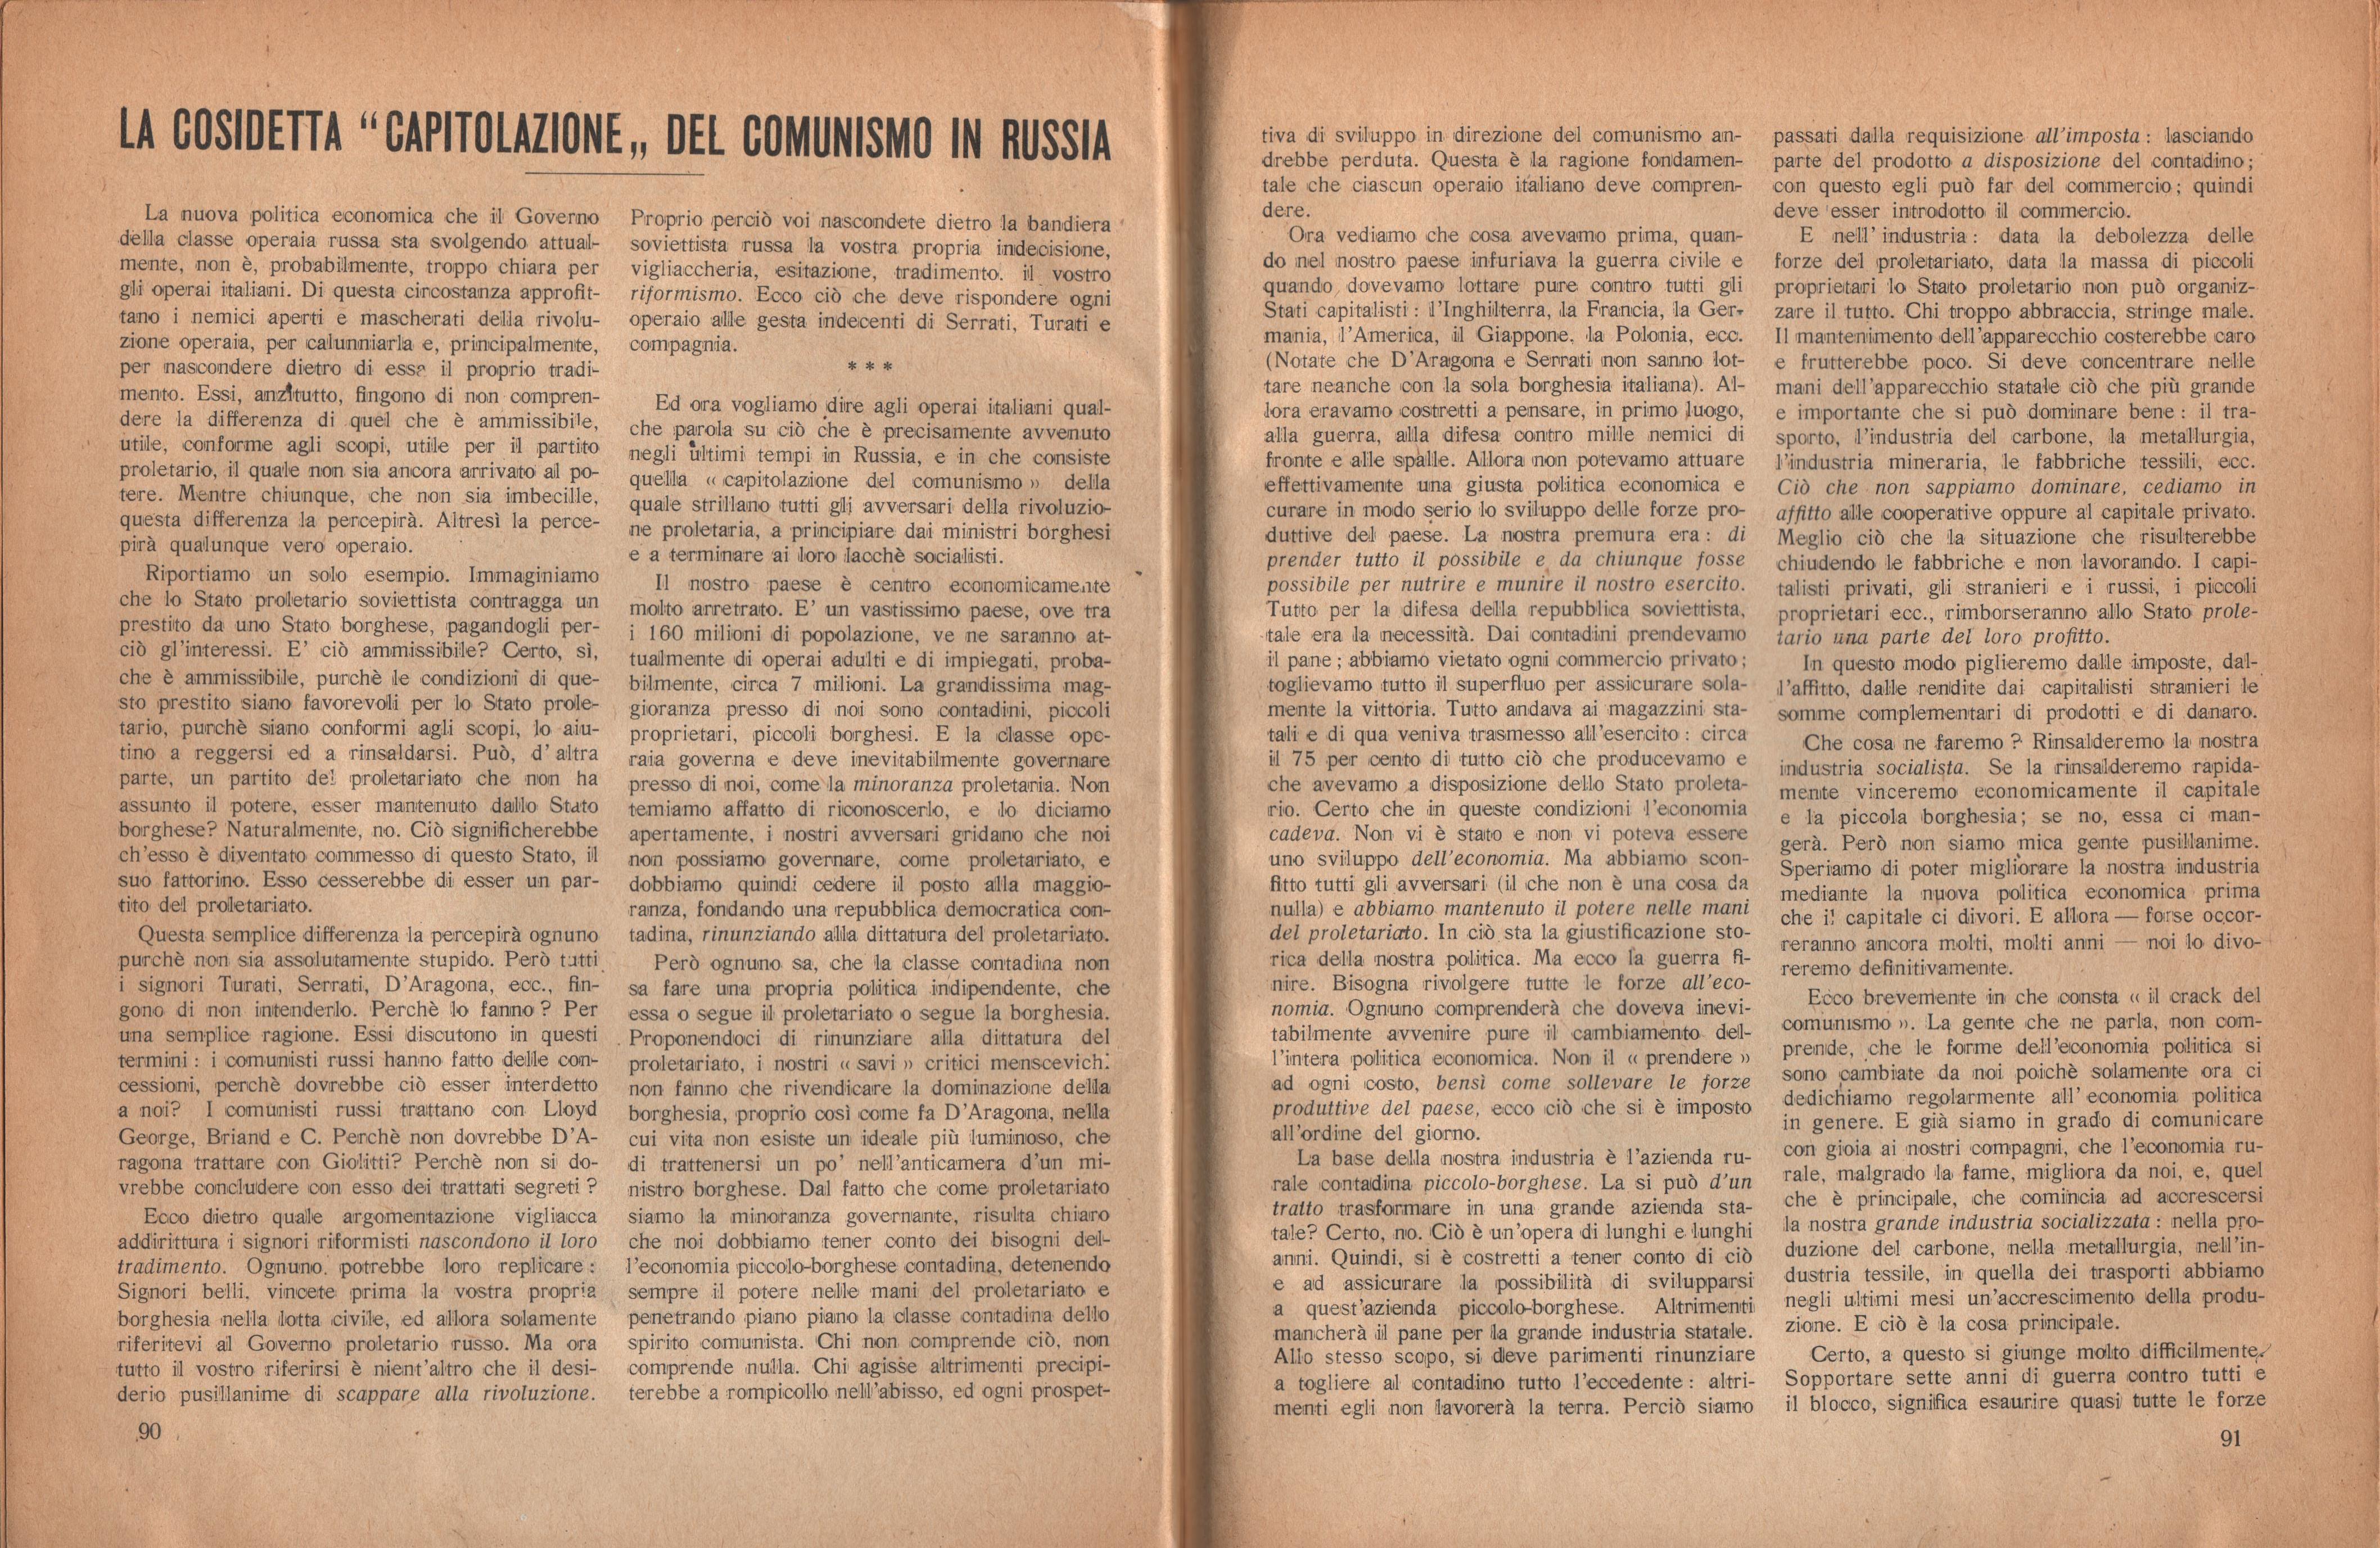 Almanacco comunista 1922 - pag. 54